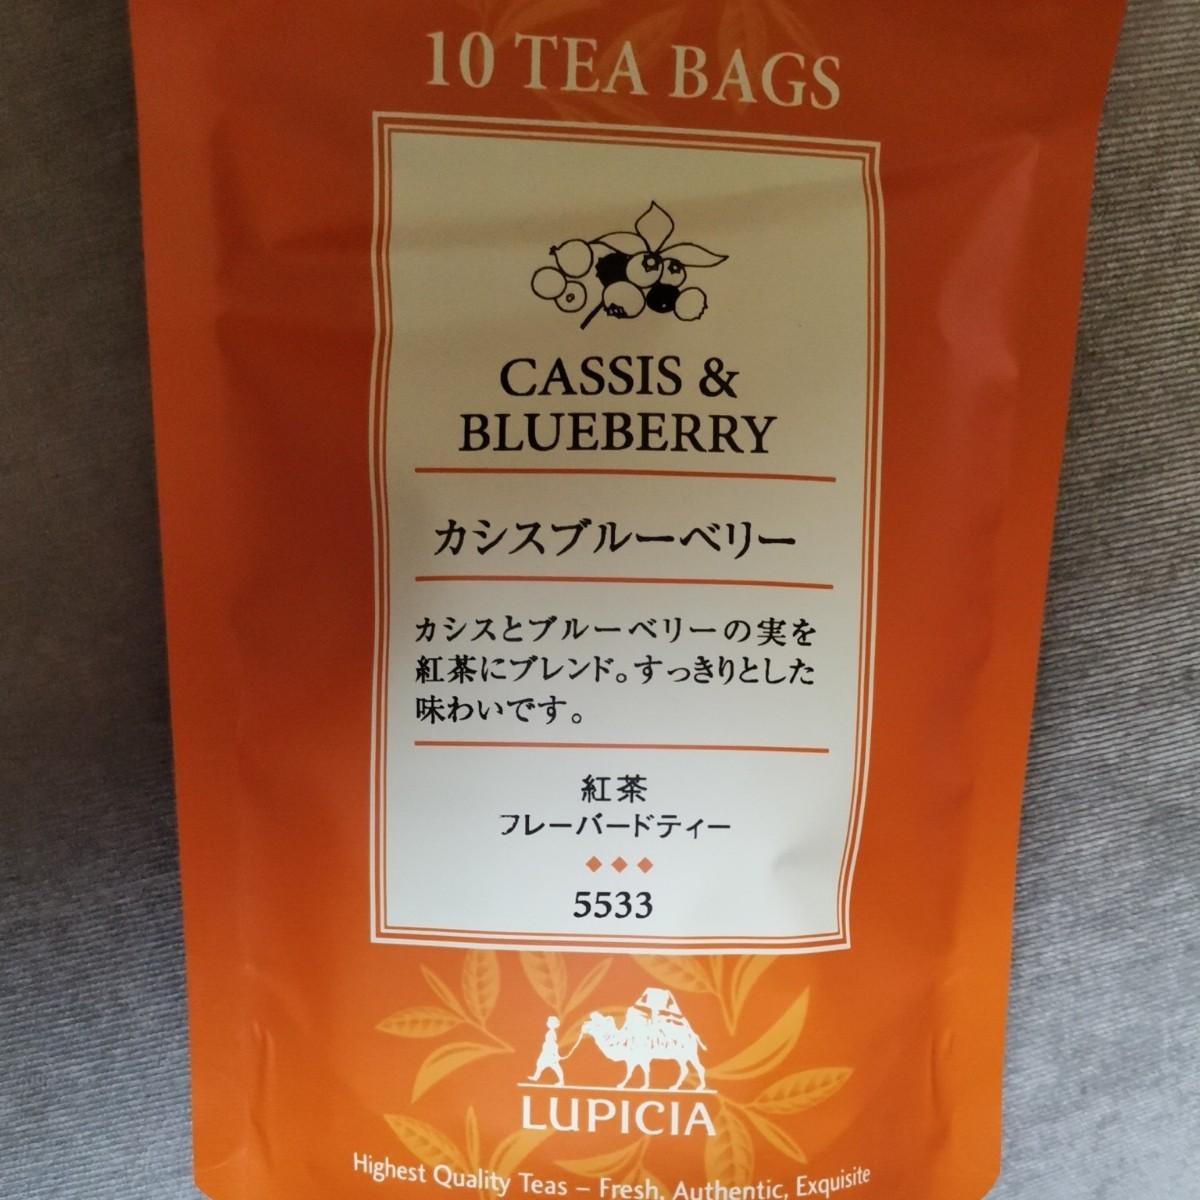 【送料無料】ルピシア カシスブルーベリー 紅茶 LUPICIA ティーバックタイプ フレーバーティー